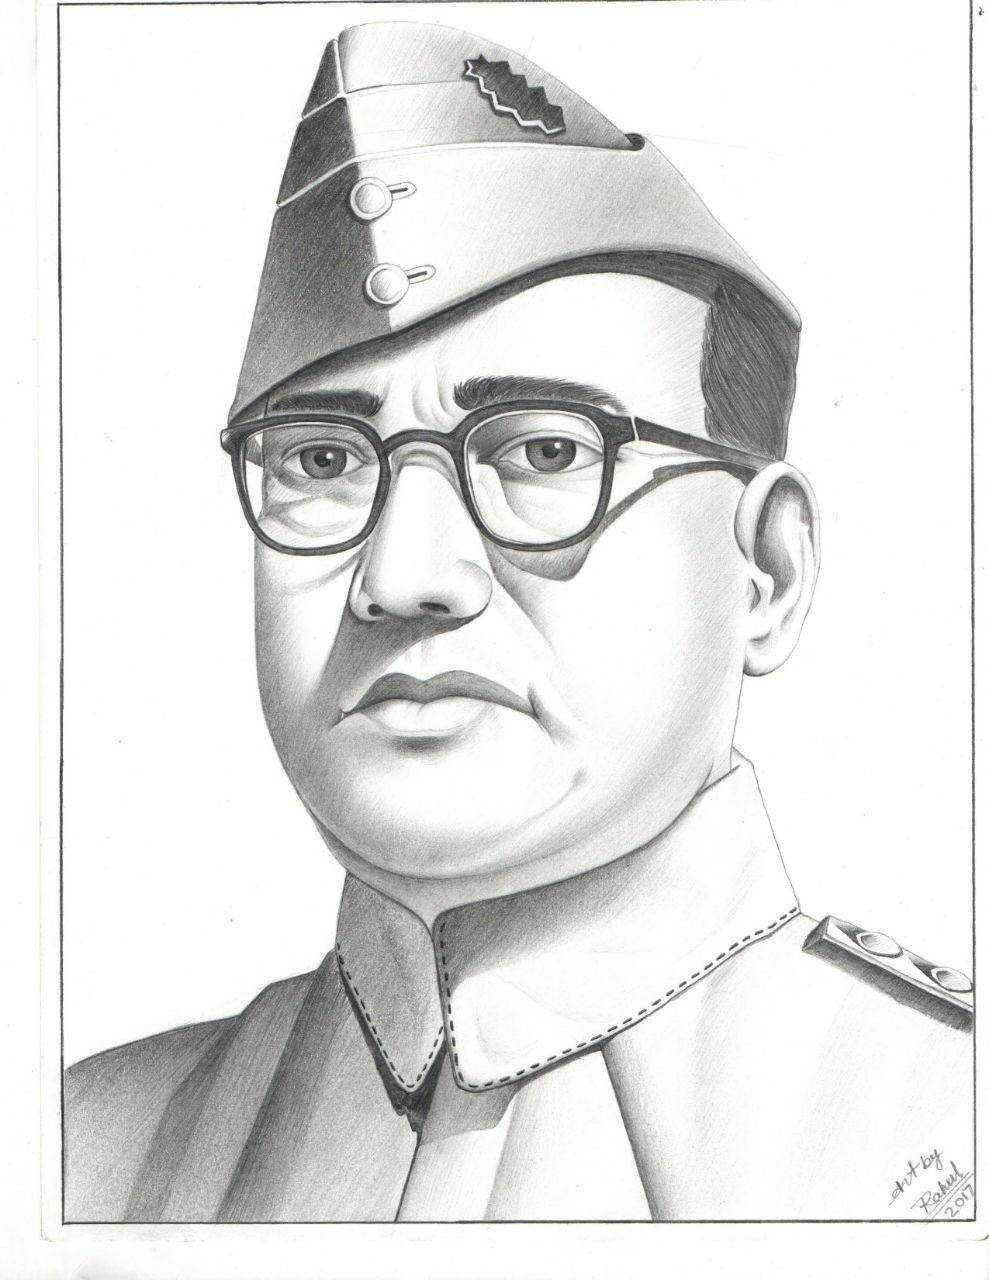 Subhash chandra bose portrait my sketch subhas chandra bose